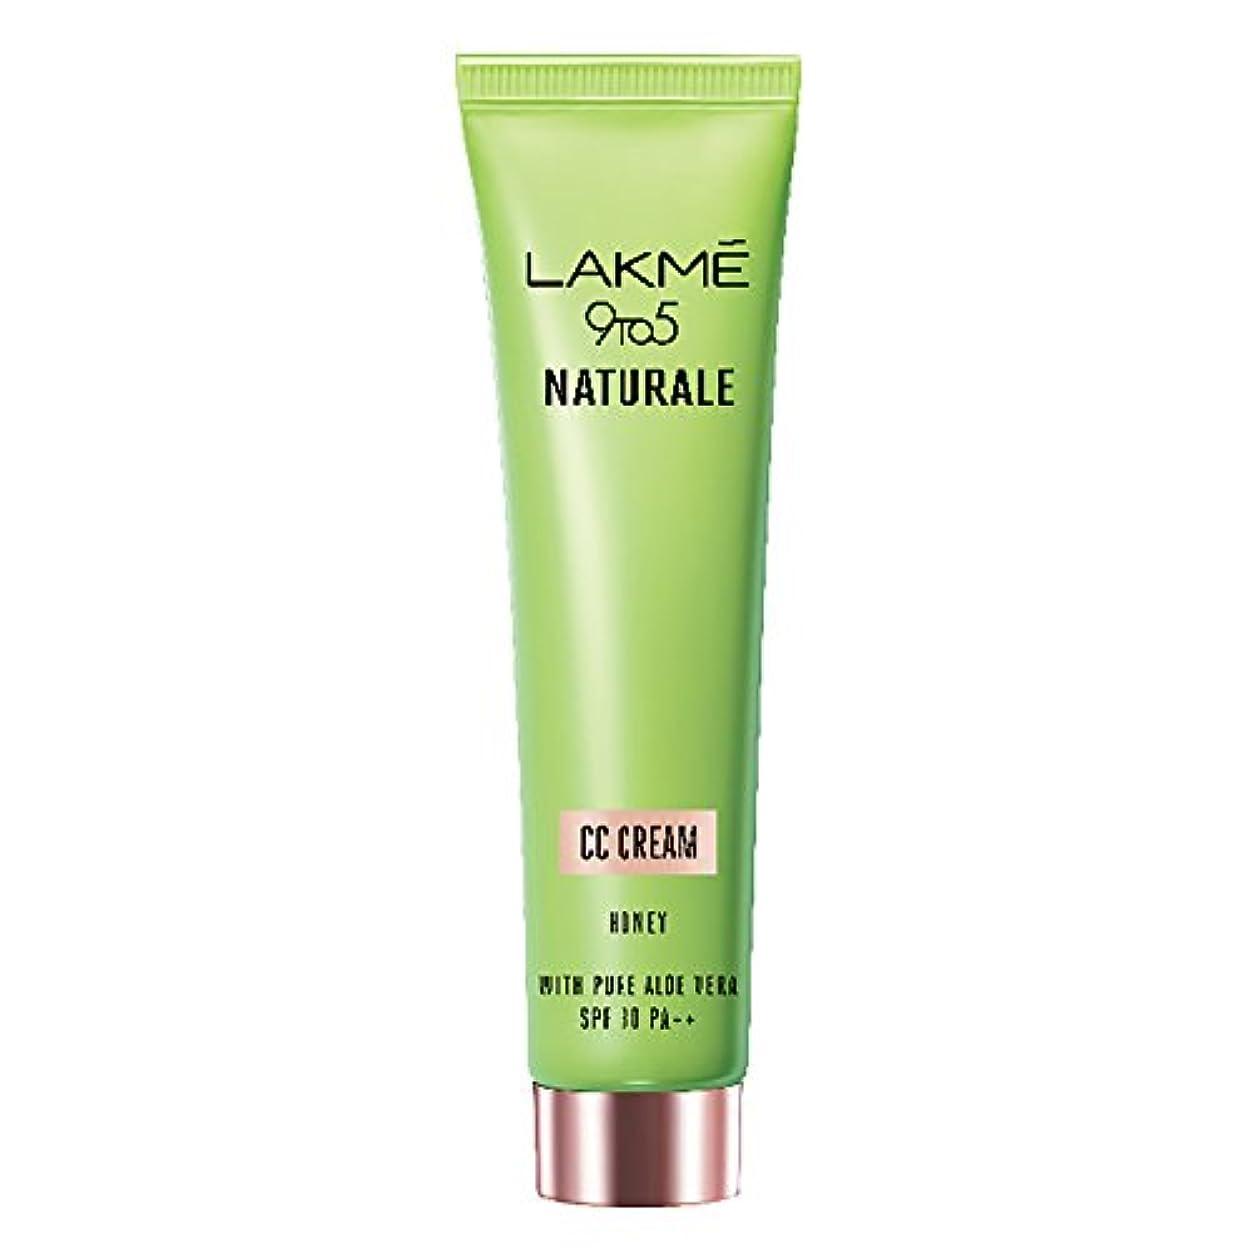 次空の調和のとれたLakme 9 to 5 Naturale CC Cream, Honey, 30g